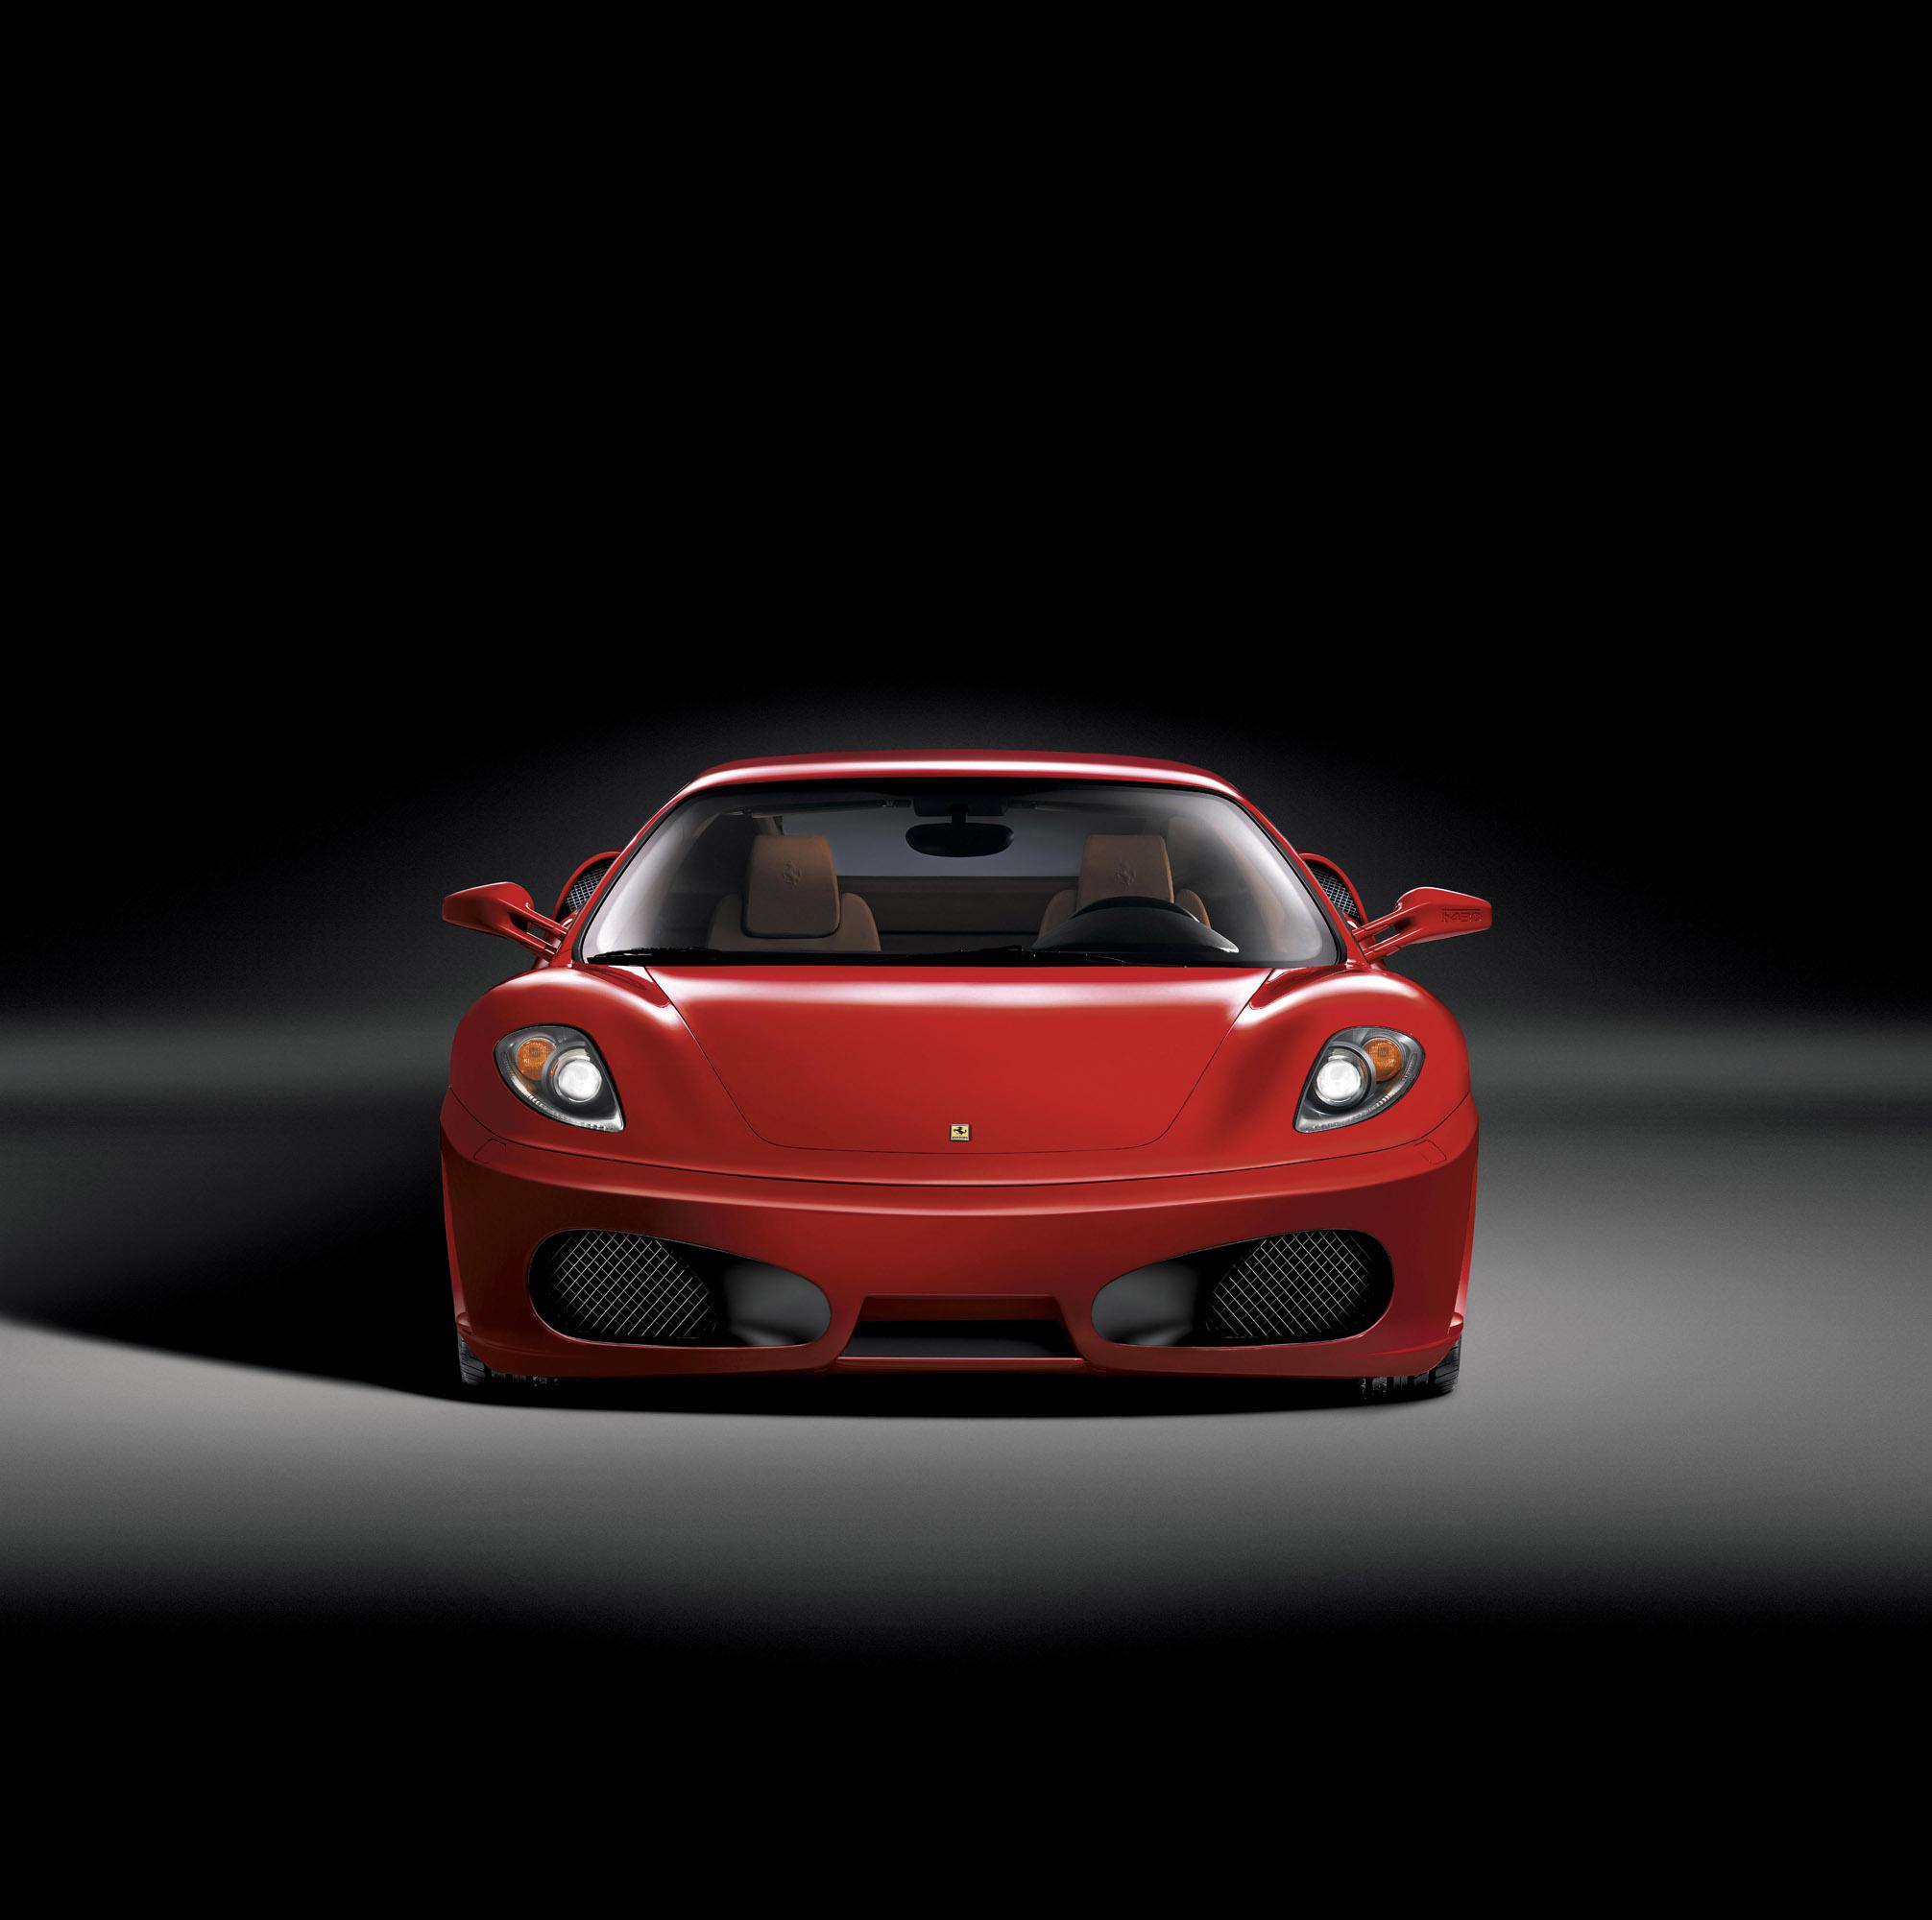 Ferrari F430 photo #1